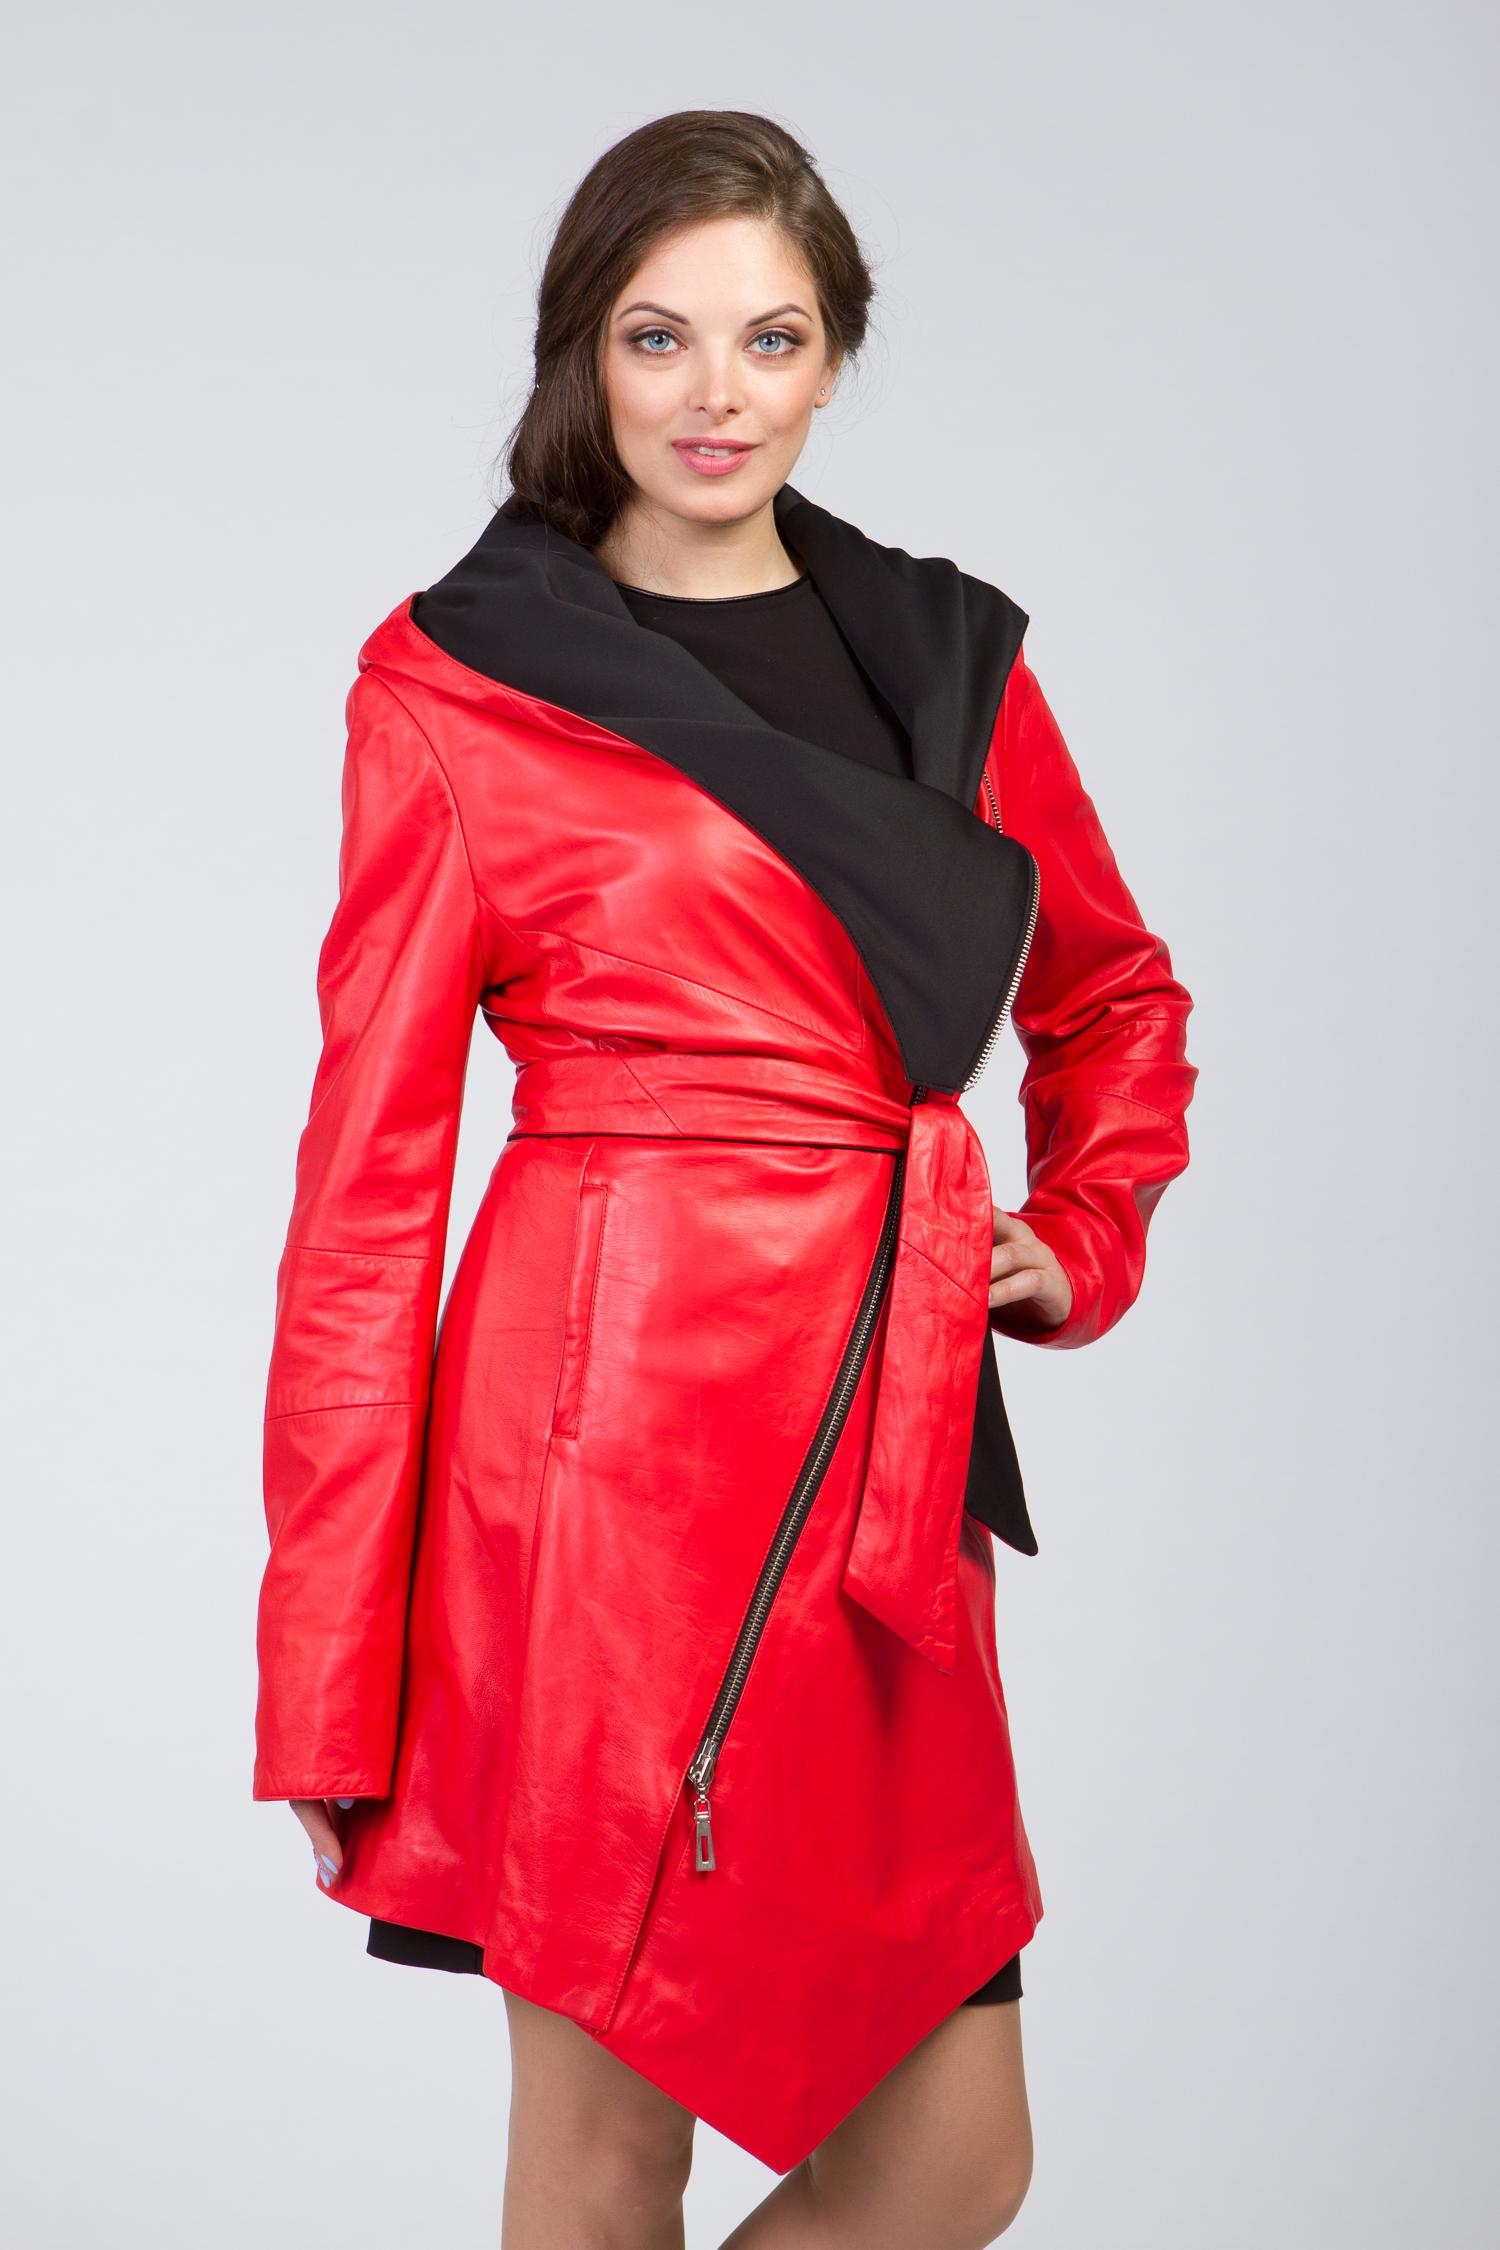 Женское кожаное пальто из натуральной кожи с капюшоном, без отделки